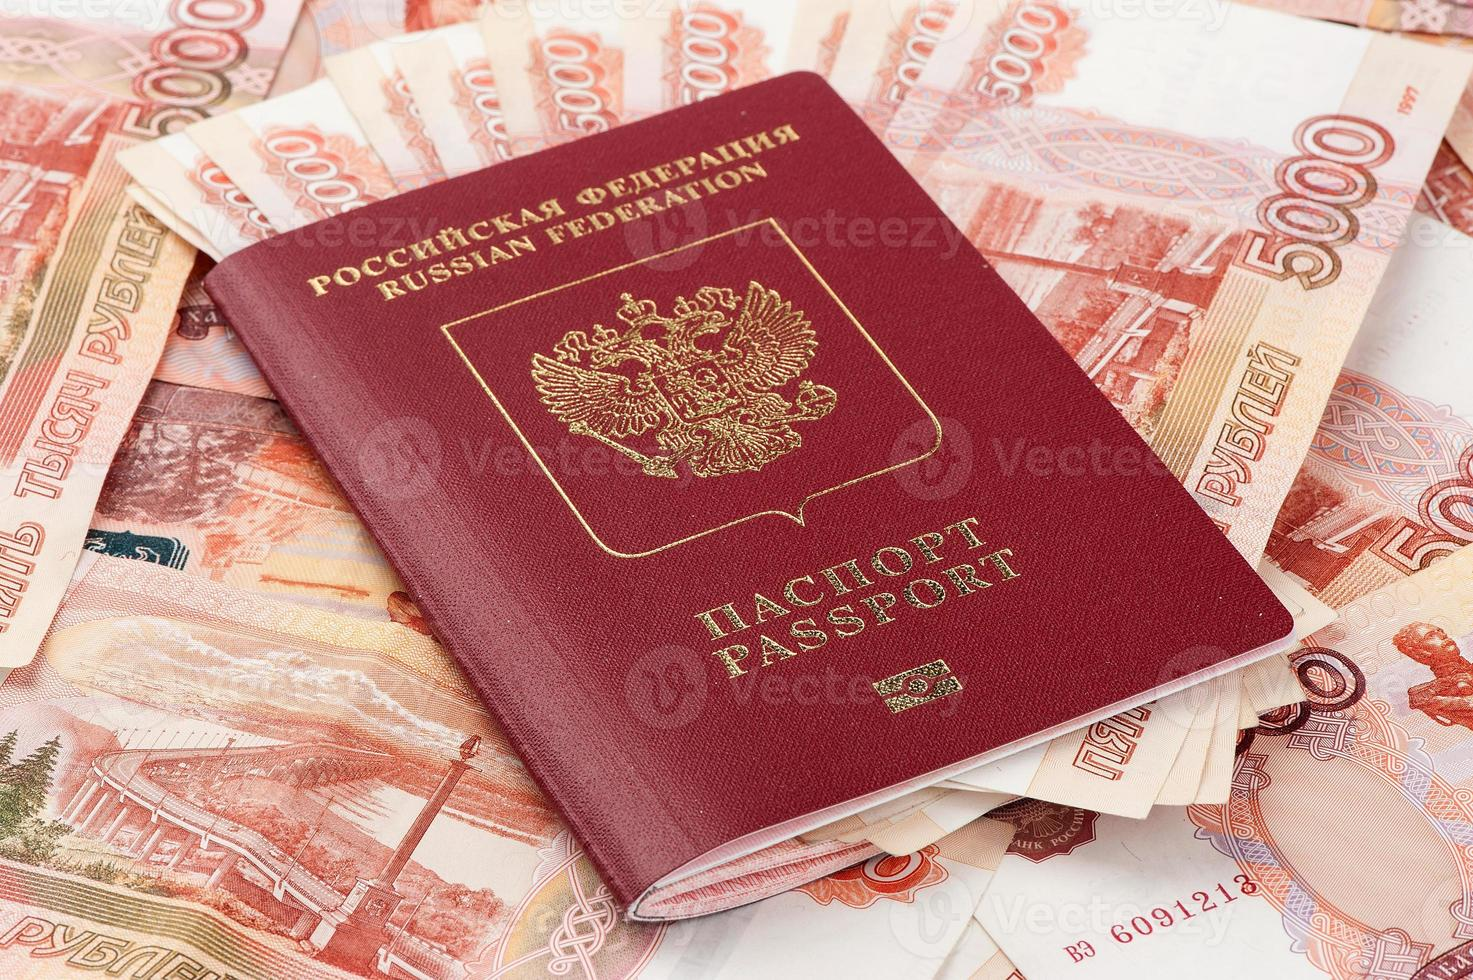 ryska pass med pengar foto